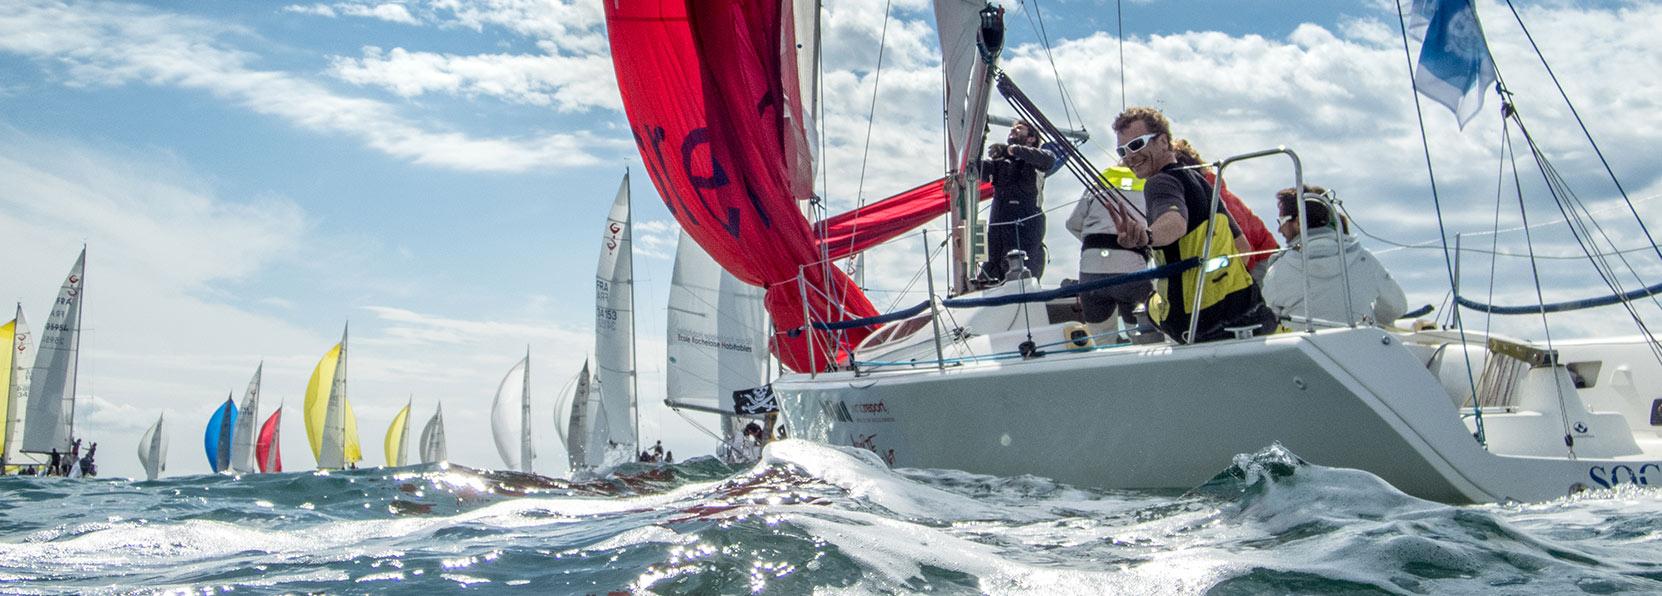 Team building voile en course avec Nicolas Boidevezi